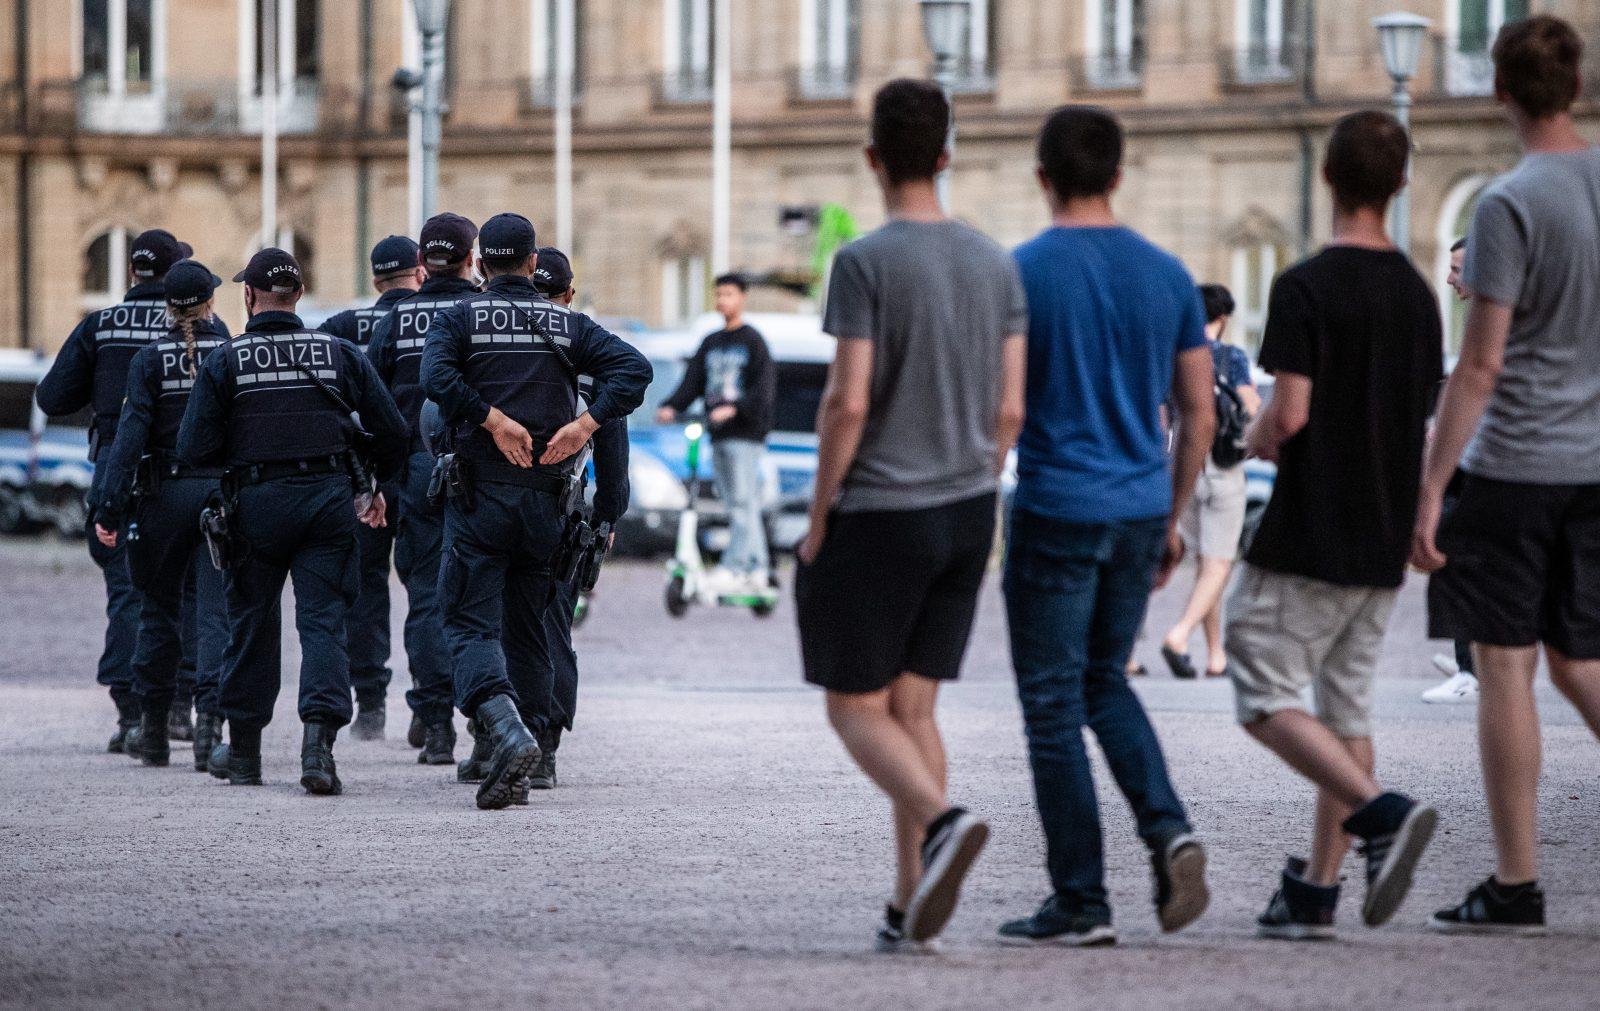 Polizeipräsenz in Stuttgarter Innenstadt: Kontrolliert verstärkt Jugendliche Foto: picture alliance/Christoph Schmidt/dpa